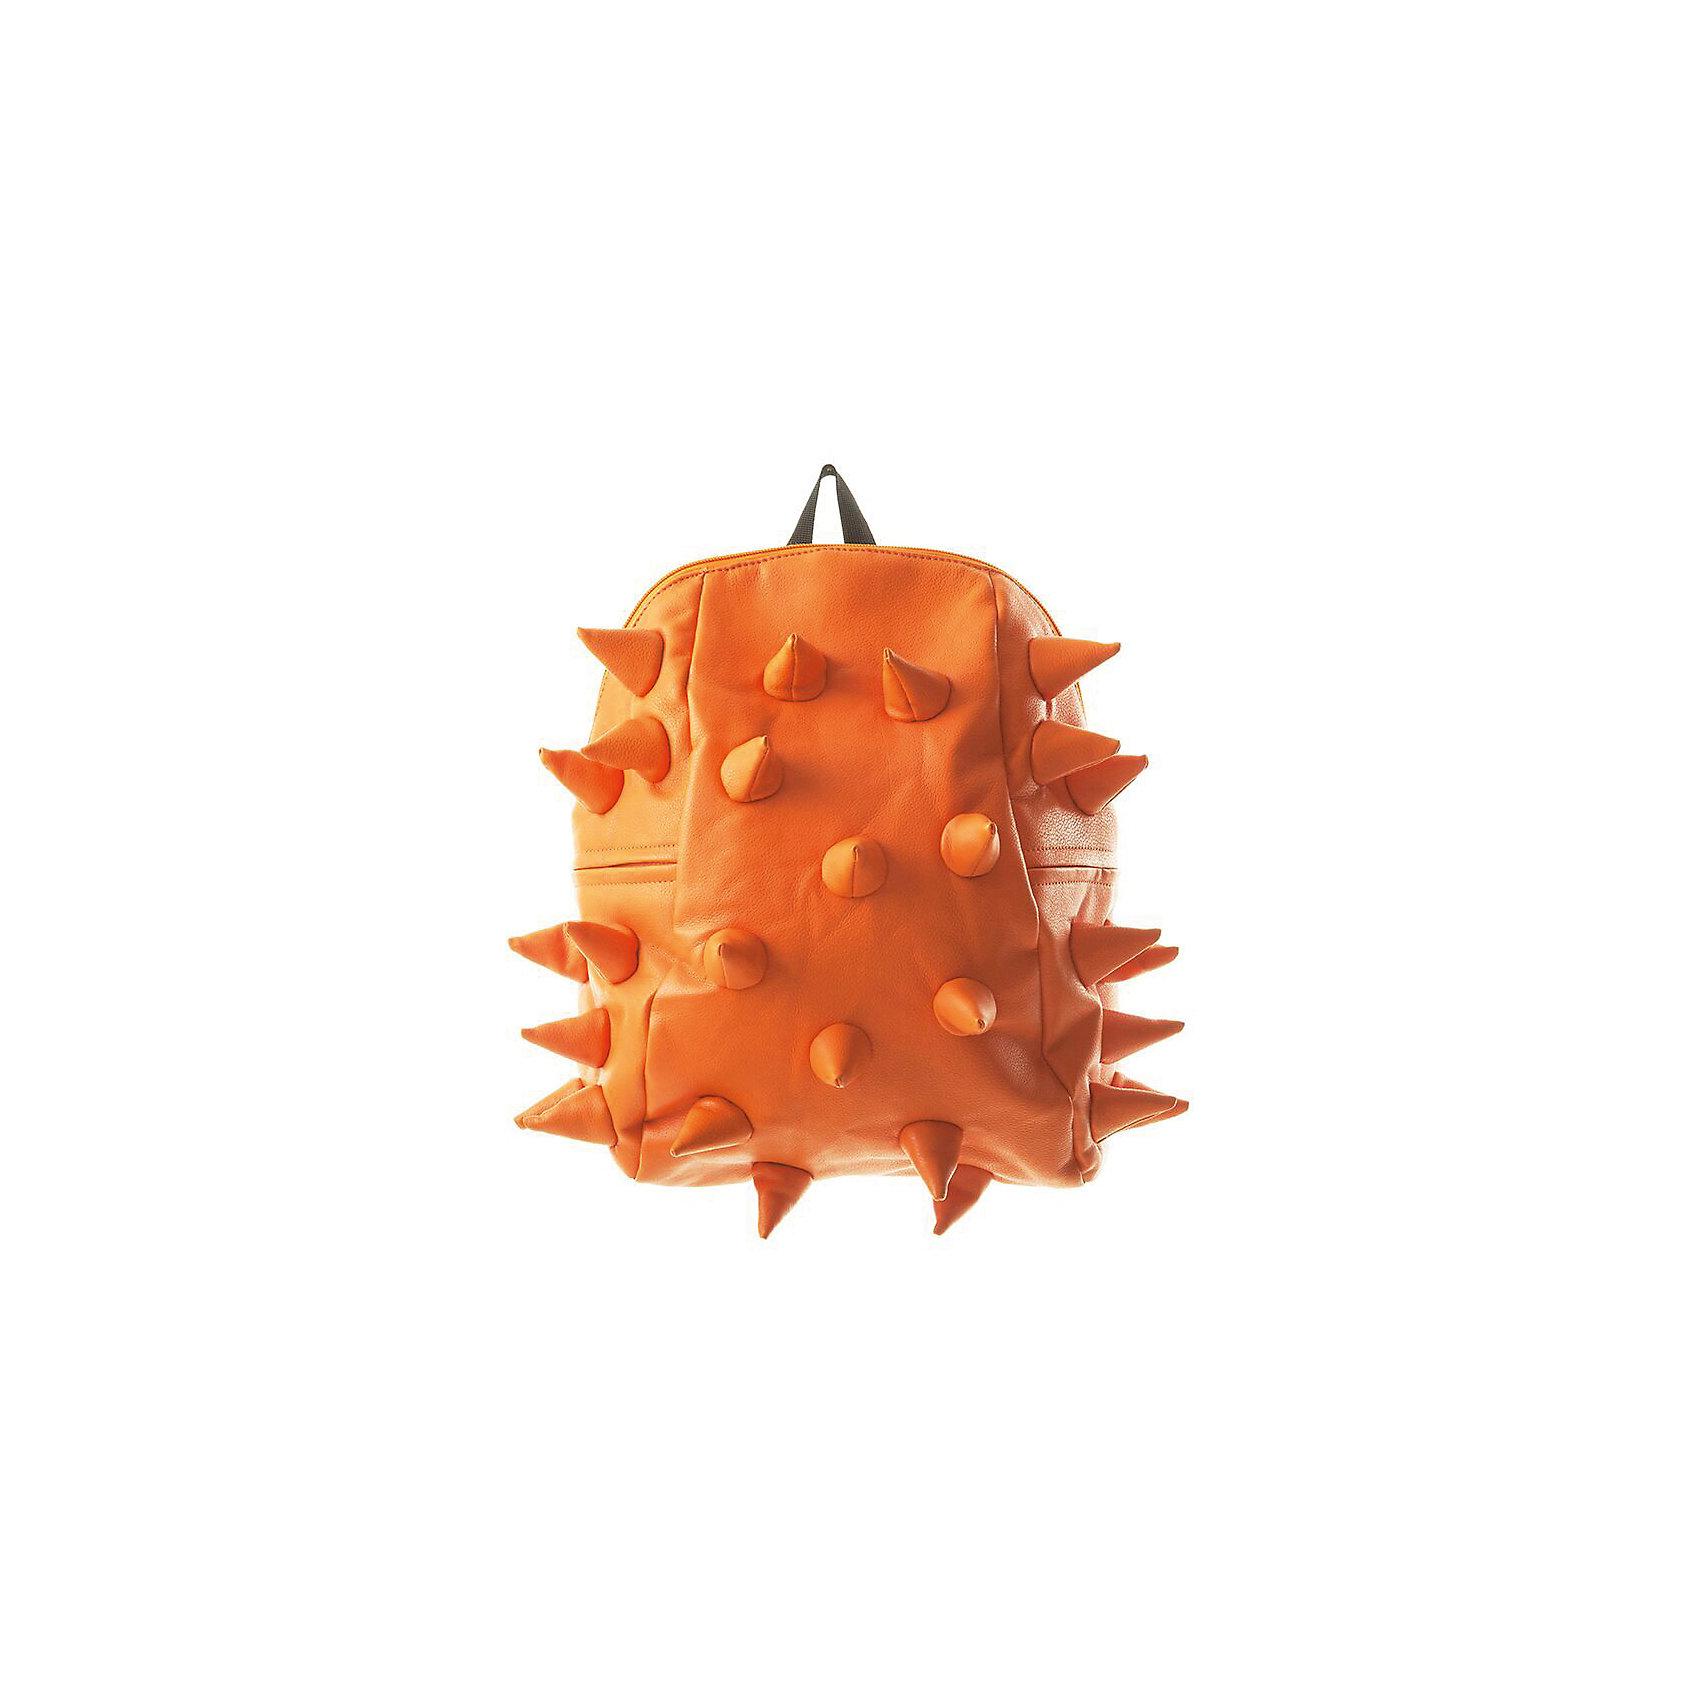 Рюкзак Rex Half, цвет Orange Peel (оранжевый)Рюкзаки<br>Вес: 0,6 кг<br>Размер: 36х30х15 см<br>Состав: рюкзак<br>Наличие светоотражающих элементов: нет<br>Материал: полиуретан<br><br>Ширина мм: 360<br>Глубина мм: 300<br>Высота мм: 150<br>Вес г: 600<br>Возраст от месяцев: 36<br>Возраст до месяцев: 720<br>Пол: Унисекс<br>Возраст: Детский<br>SKU: 7054092